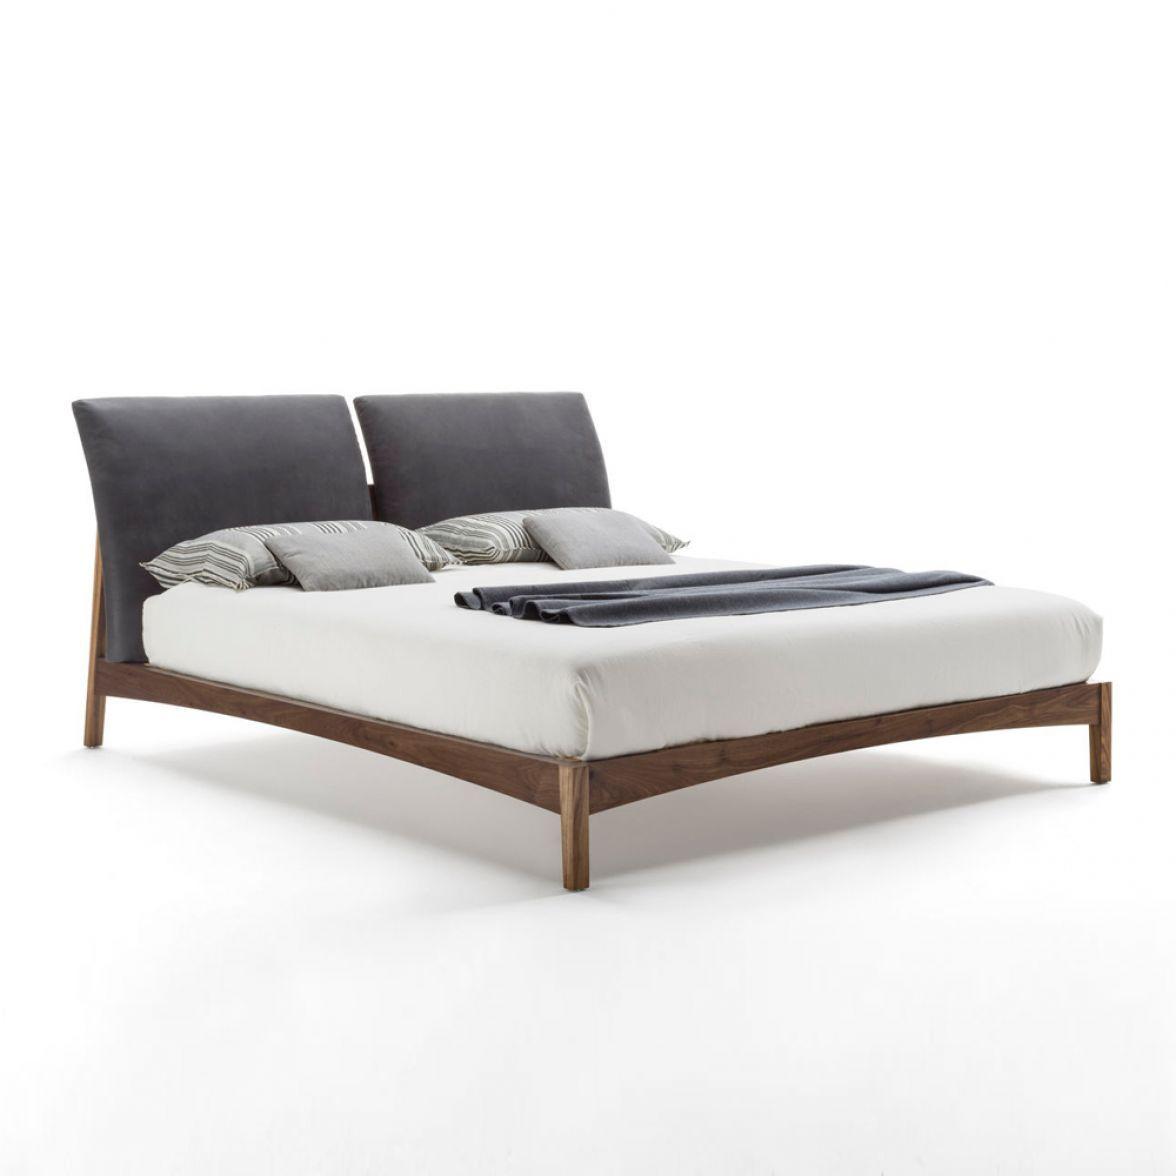 SLEEPY DOUBLE bed